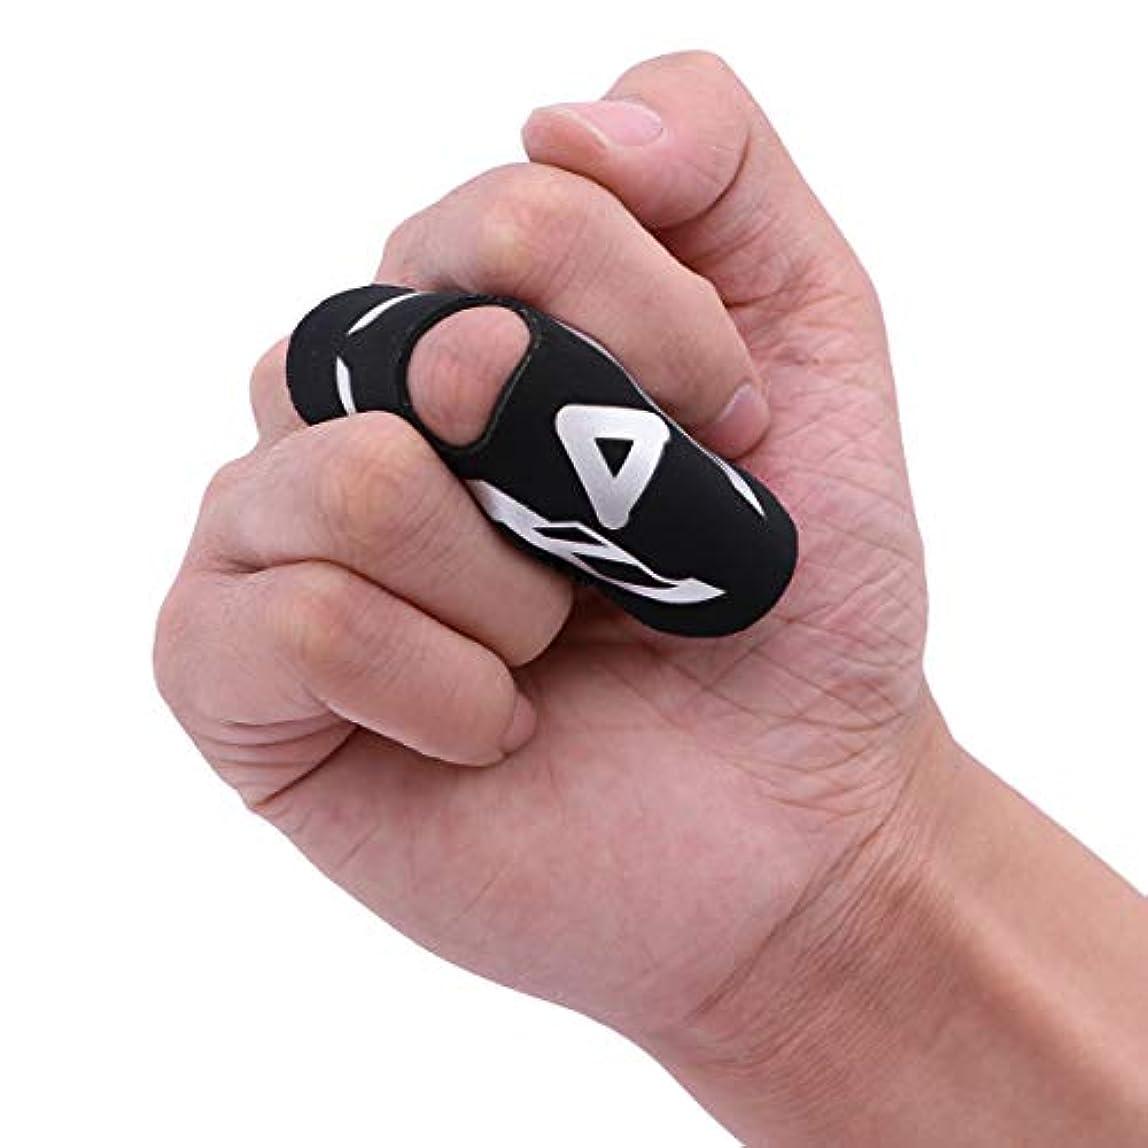 スマッシュ操縦する説明的SUPVOX 指の添え木サポートトリガーマレット指ブレース腱痛みを和らげるサイズL/XL